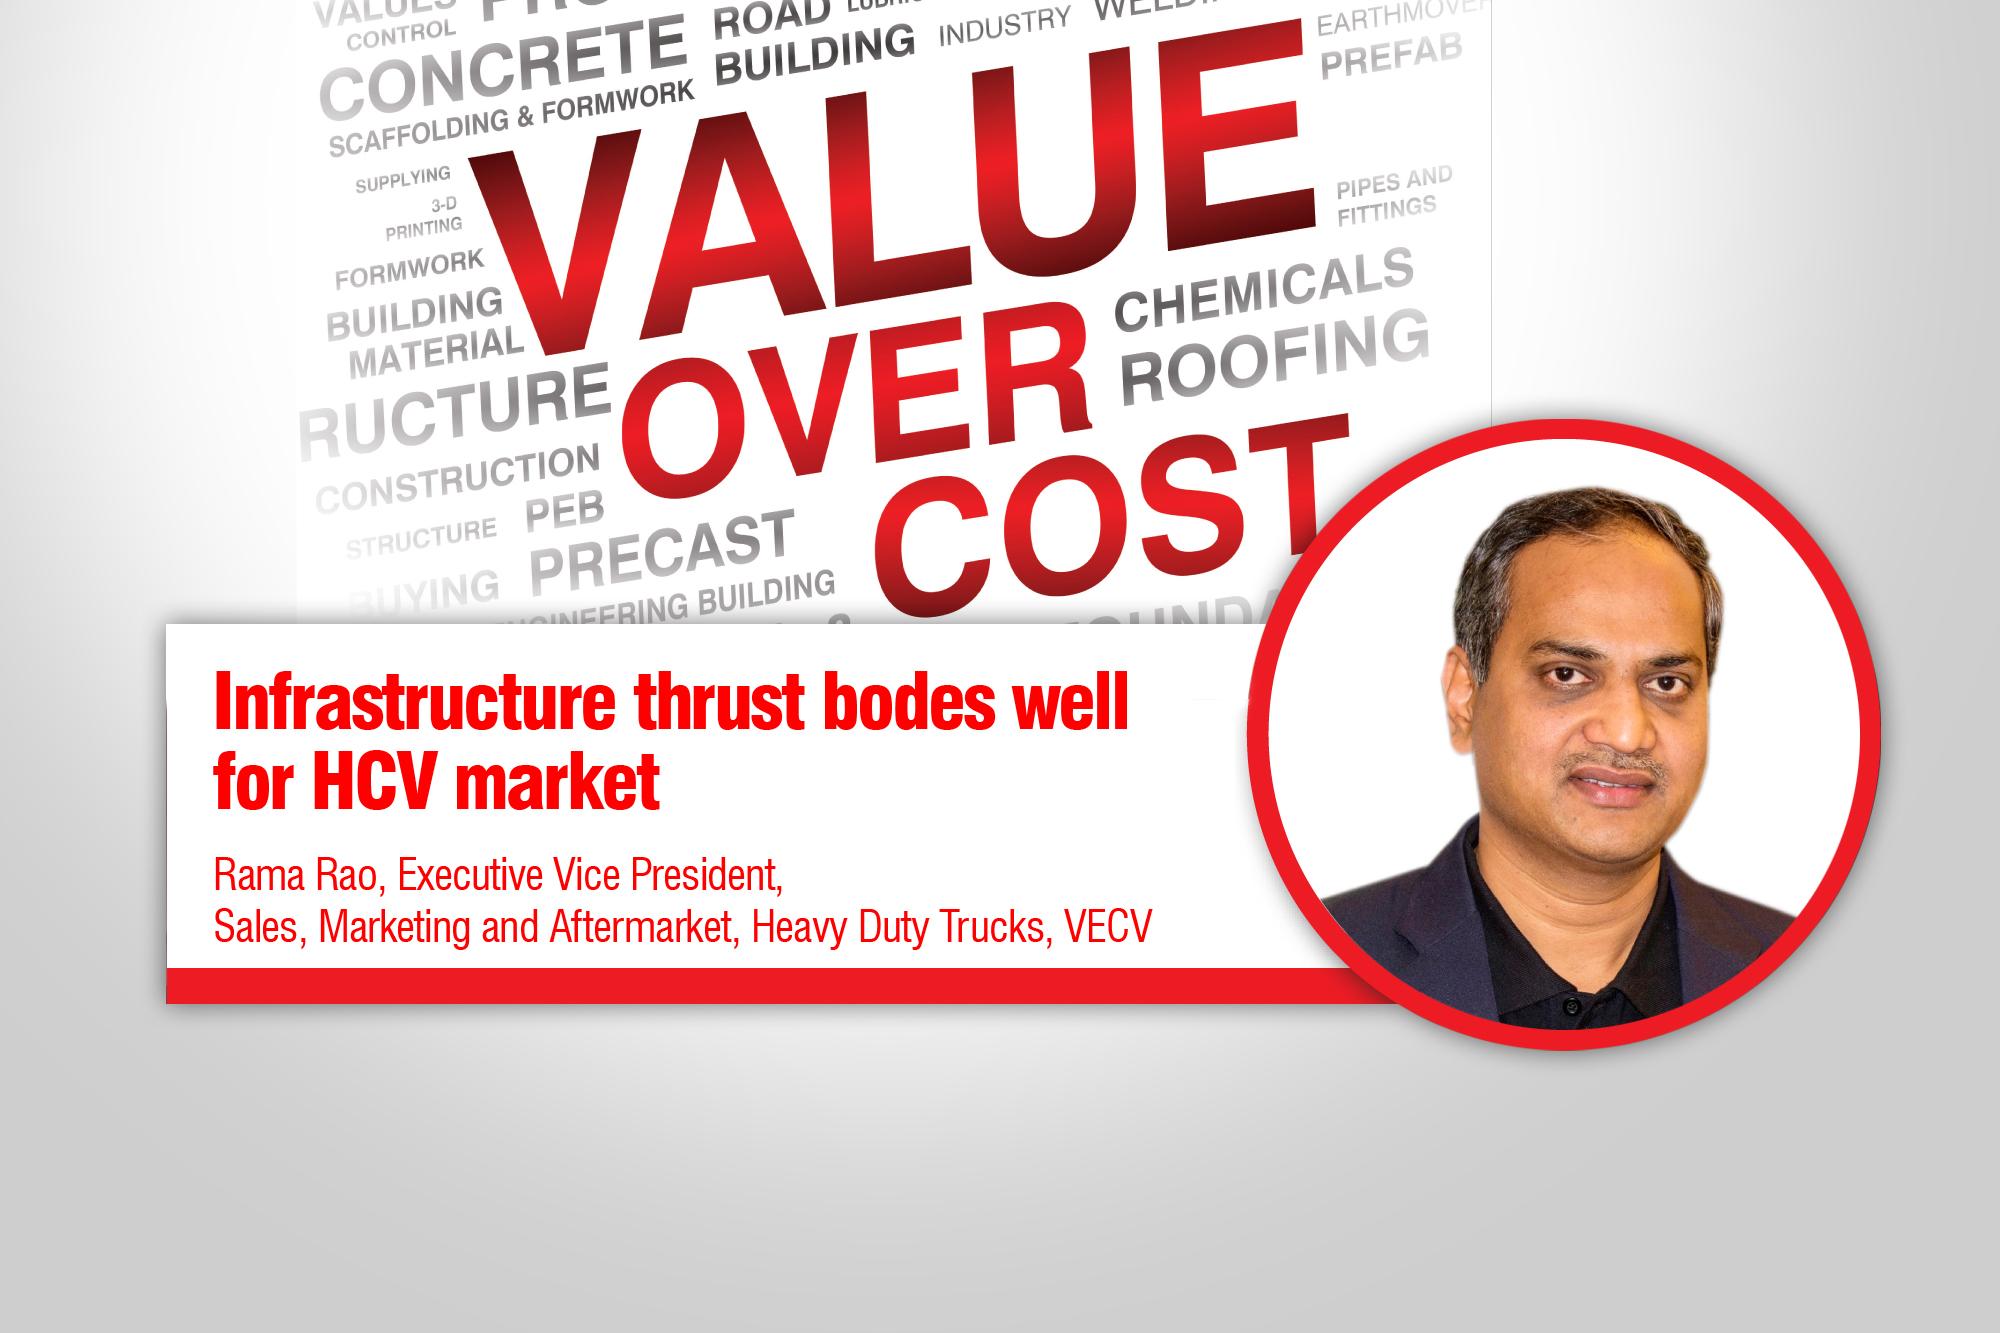 Infrastructure thrust bodes well for HCV market